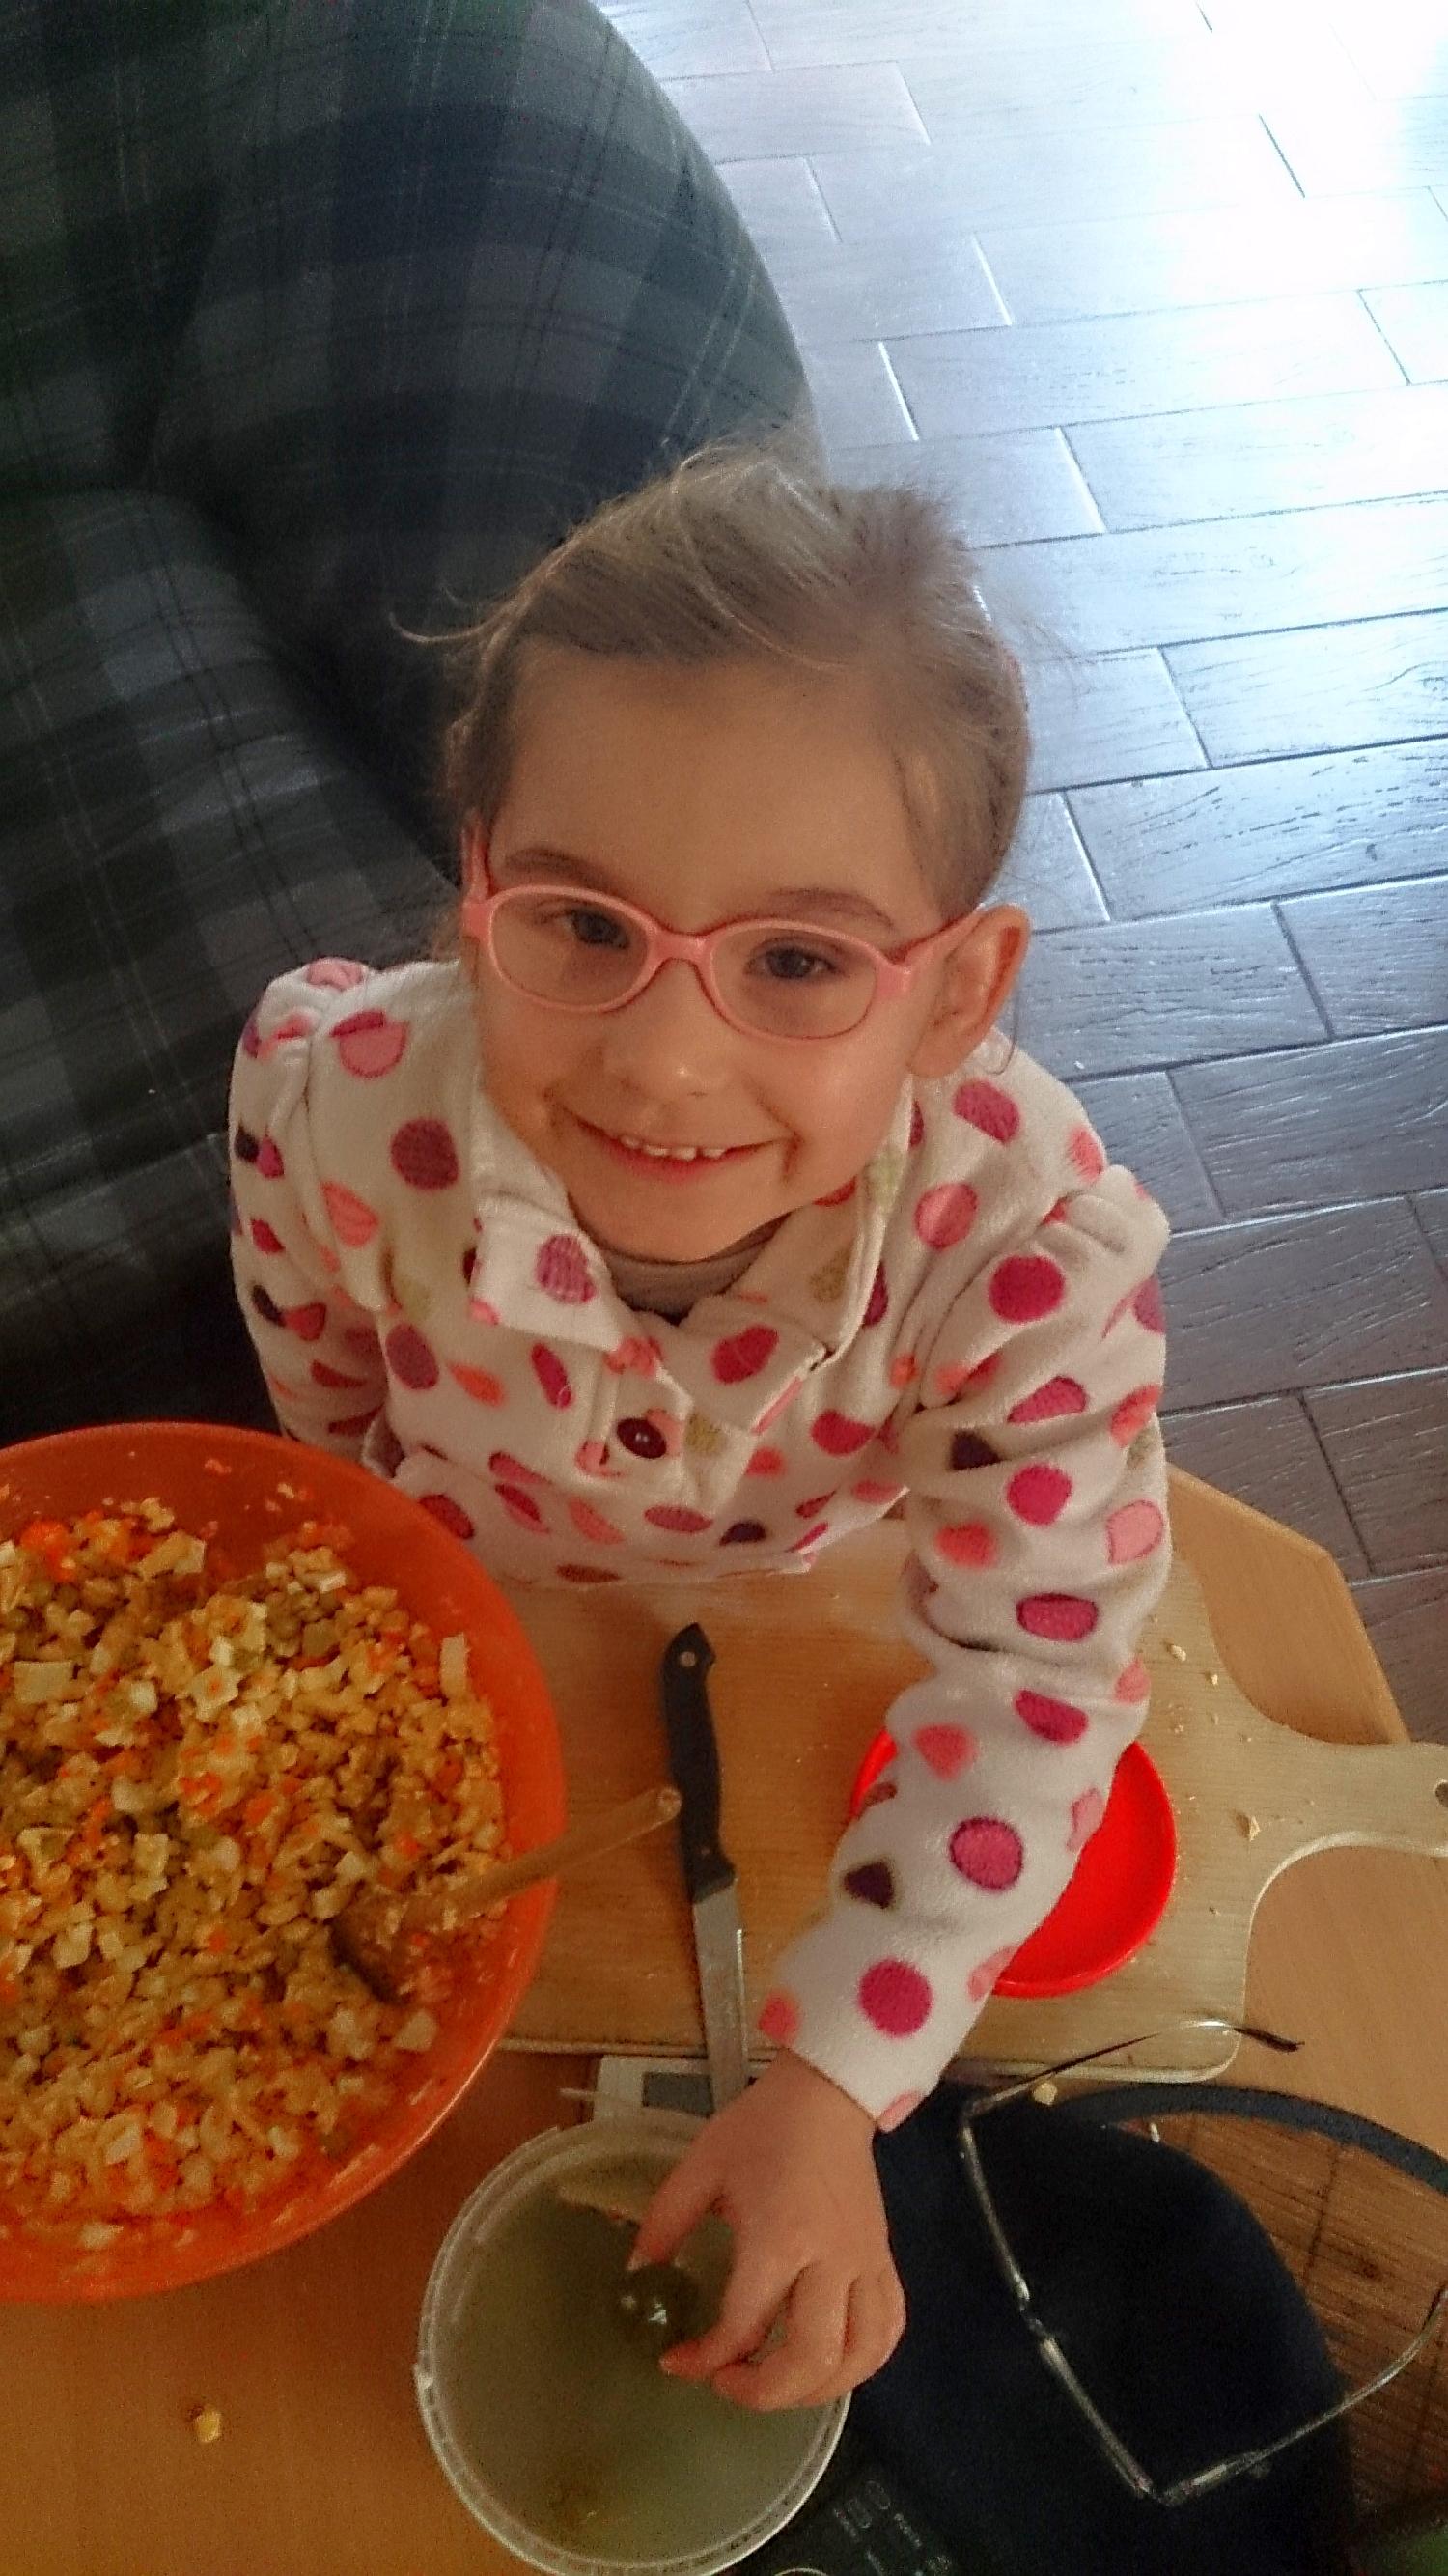 Świąteczne przygotowania - robię sałatkę